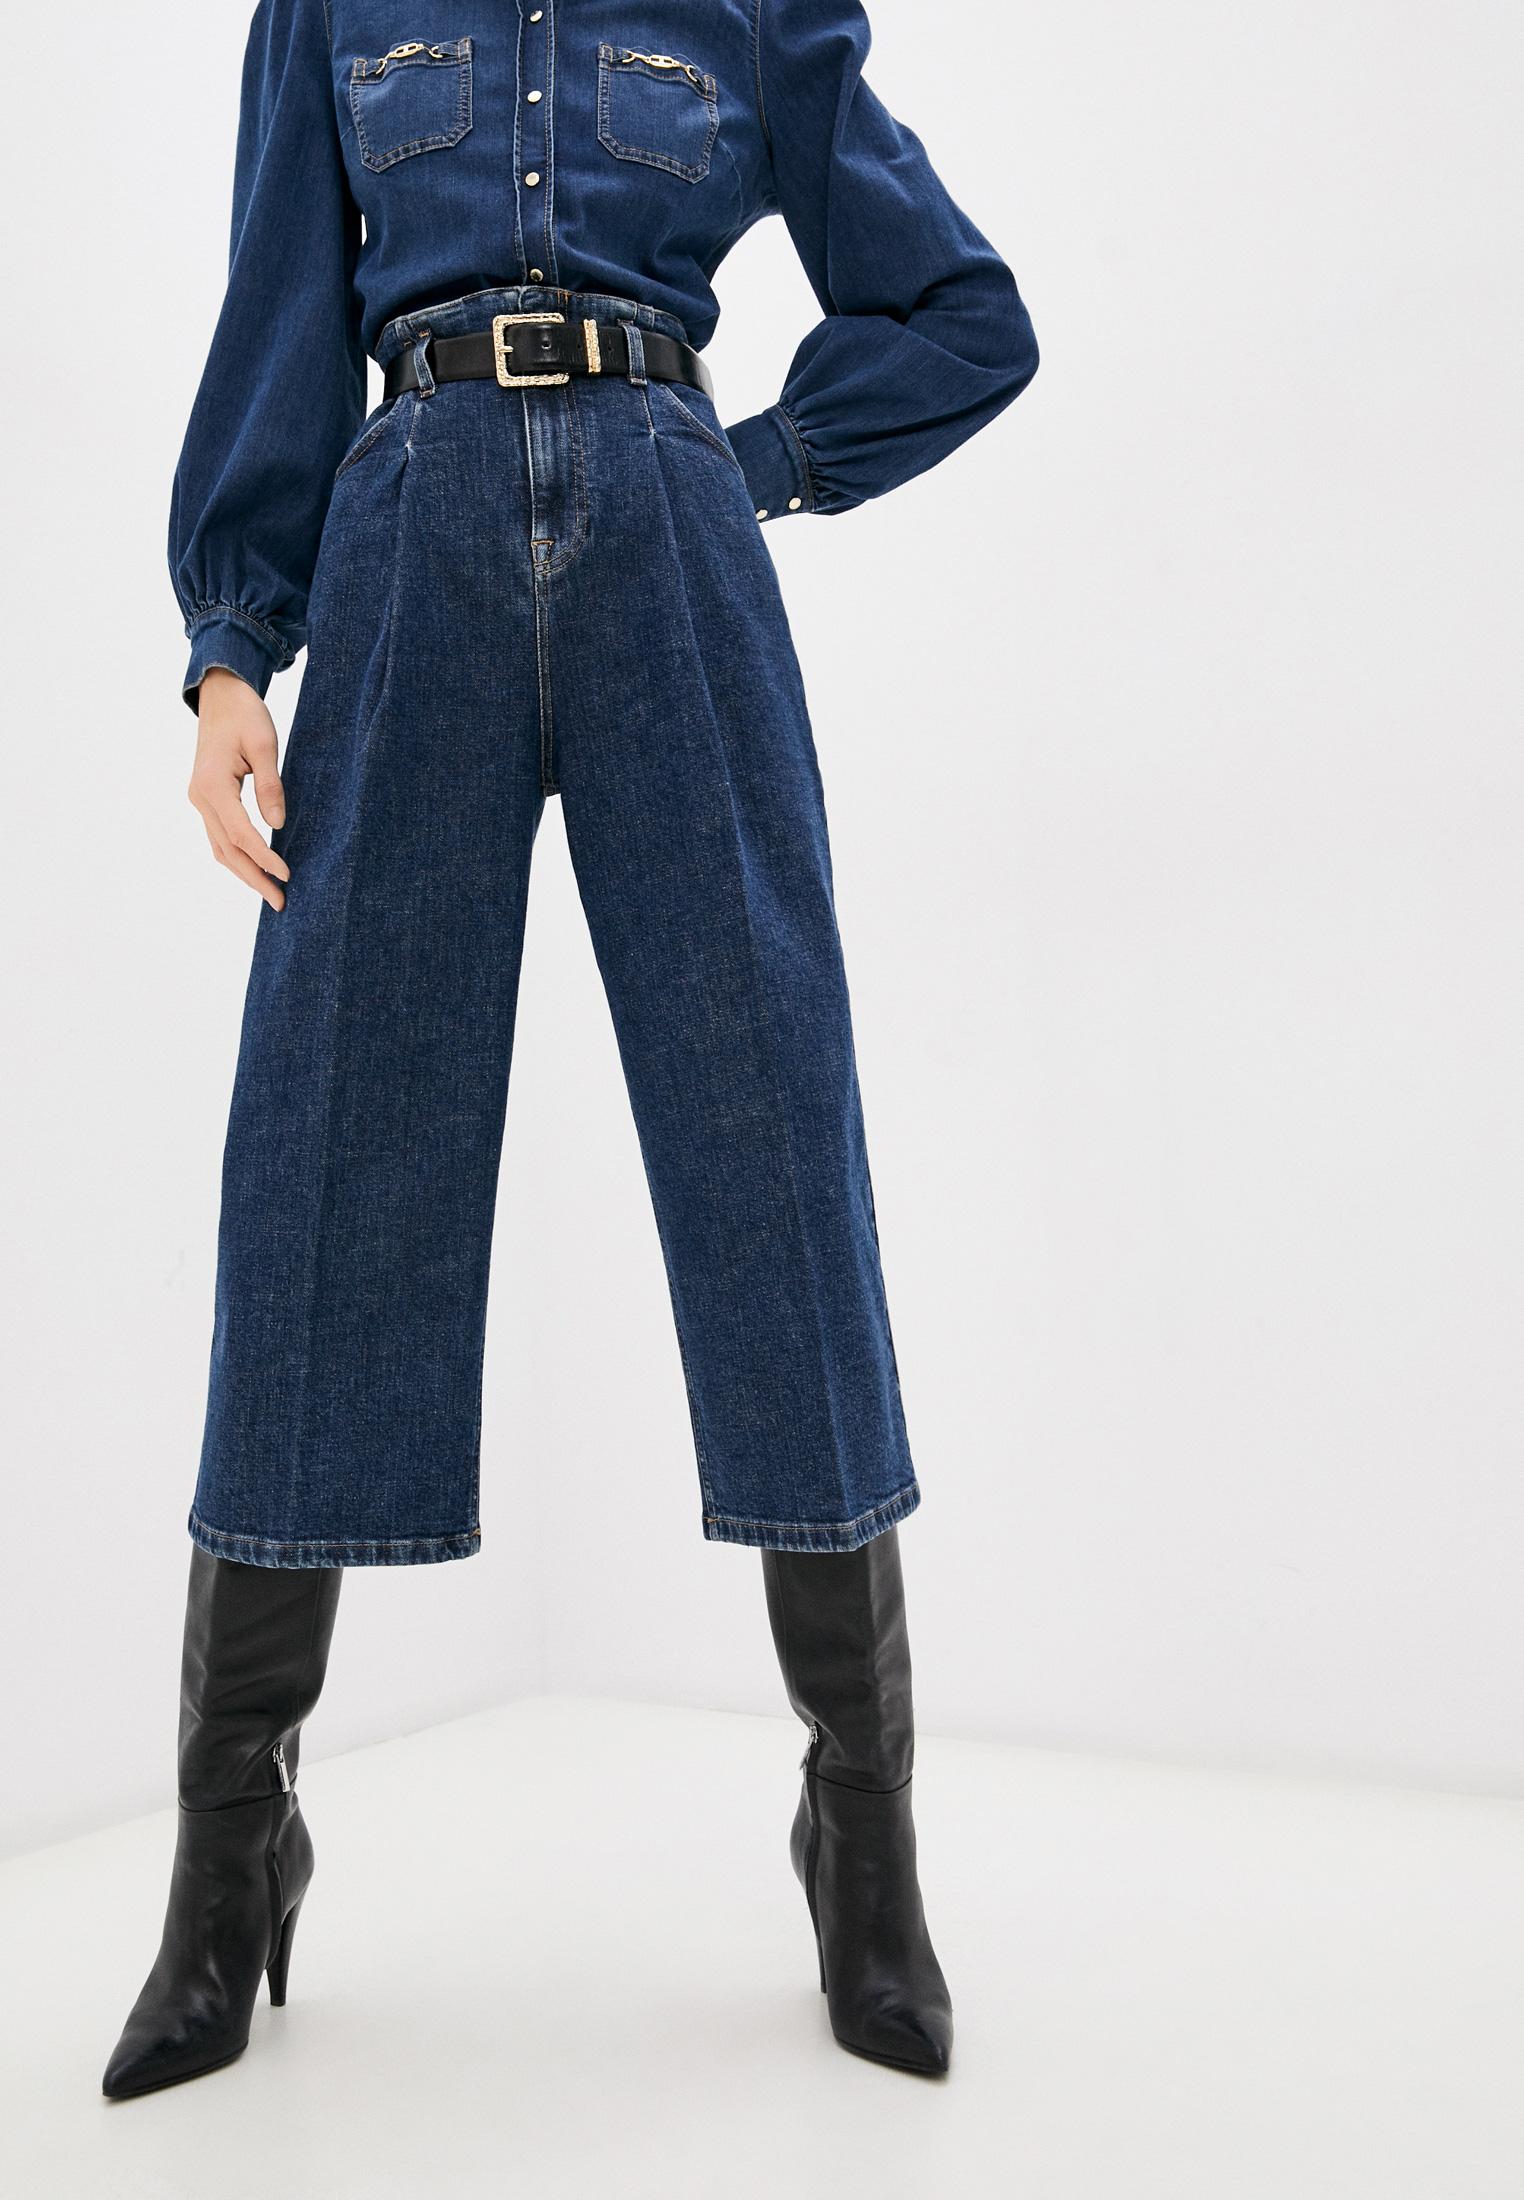 Широкие и расклешенные джинсы L'Autre Chose Джинсы L'Autre Chose